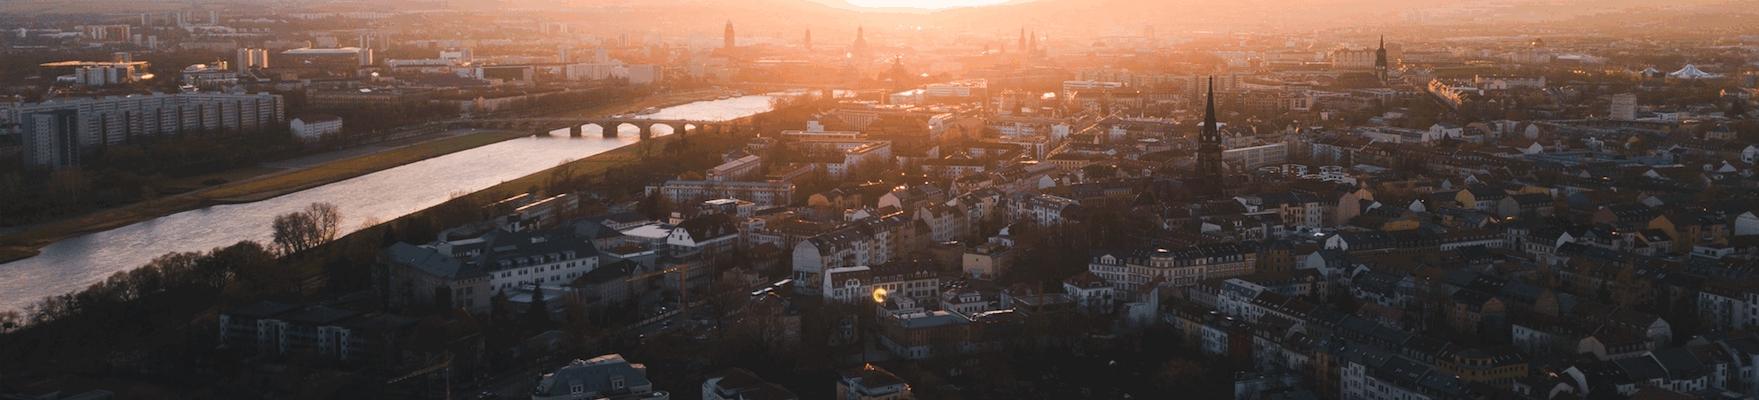 Lustige Stadtrundfahrt in sächischer Mundart Dresden 6.10.